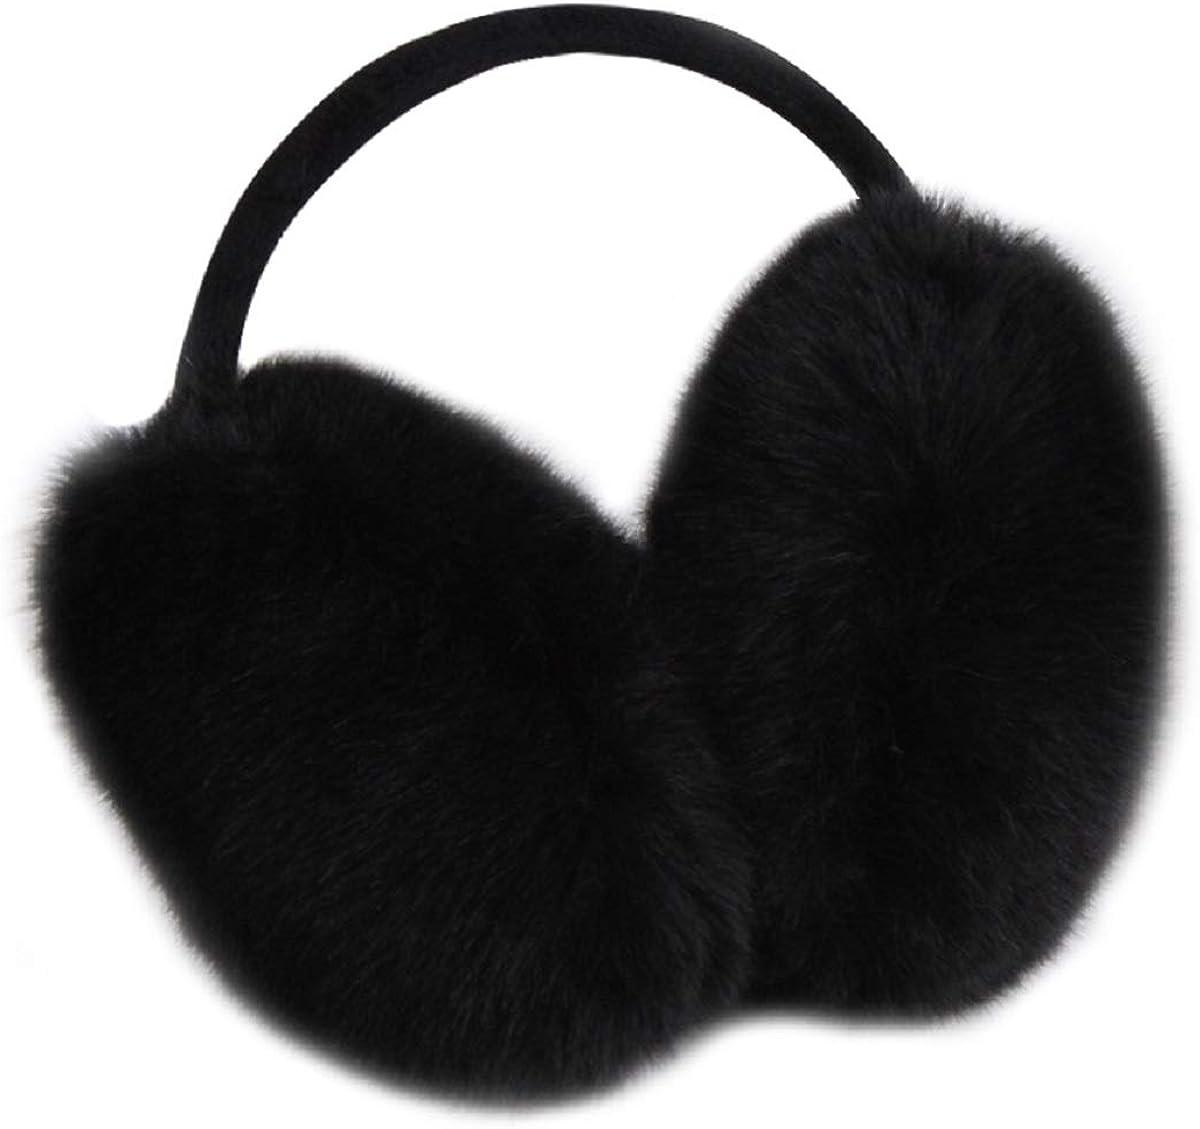 Earmuffs Ear Warmers For Women Winter Fur Foldable Ear Warmer